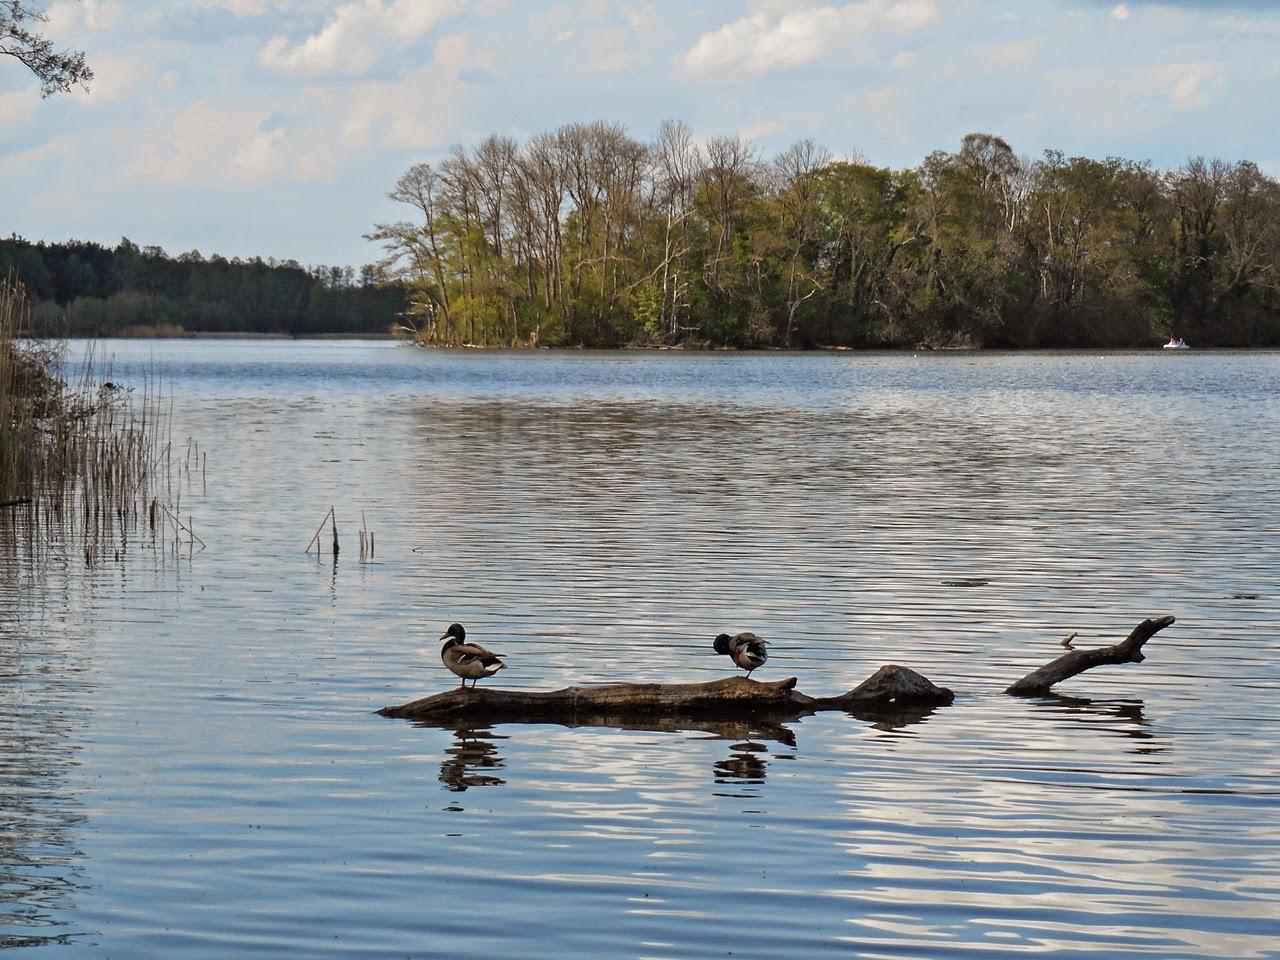 kaczki krzyżówki, wyspa ptasia, woda, trzcina, przyrodnicze obserwacje